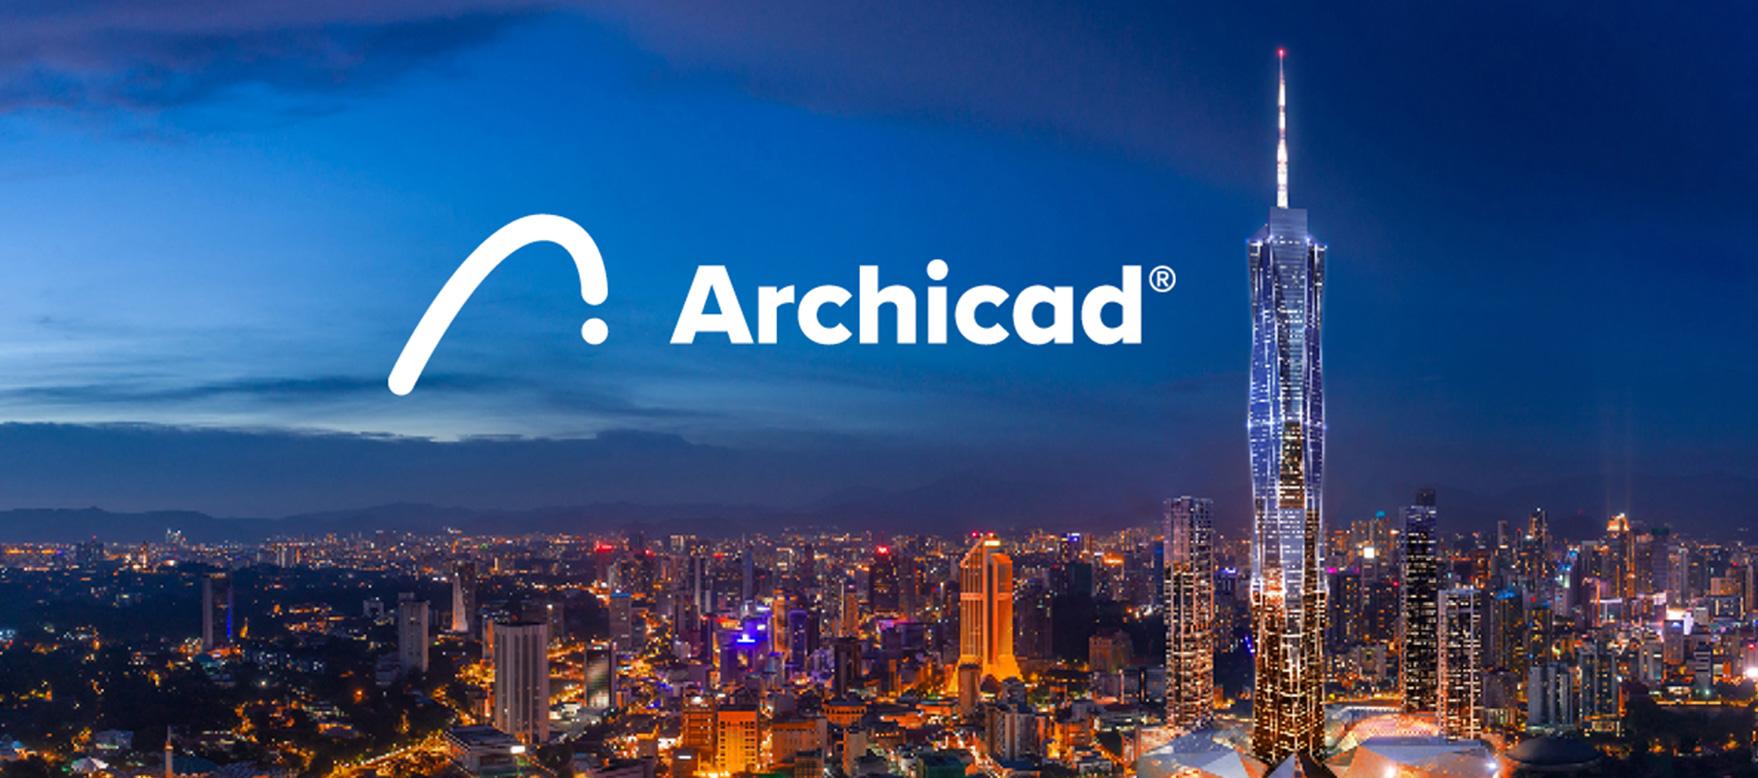 Archicad 24 est disponible !